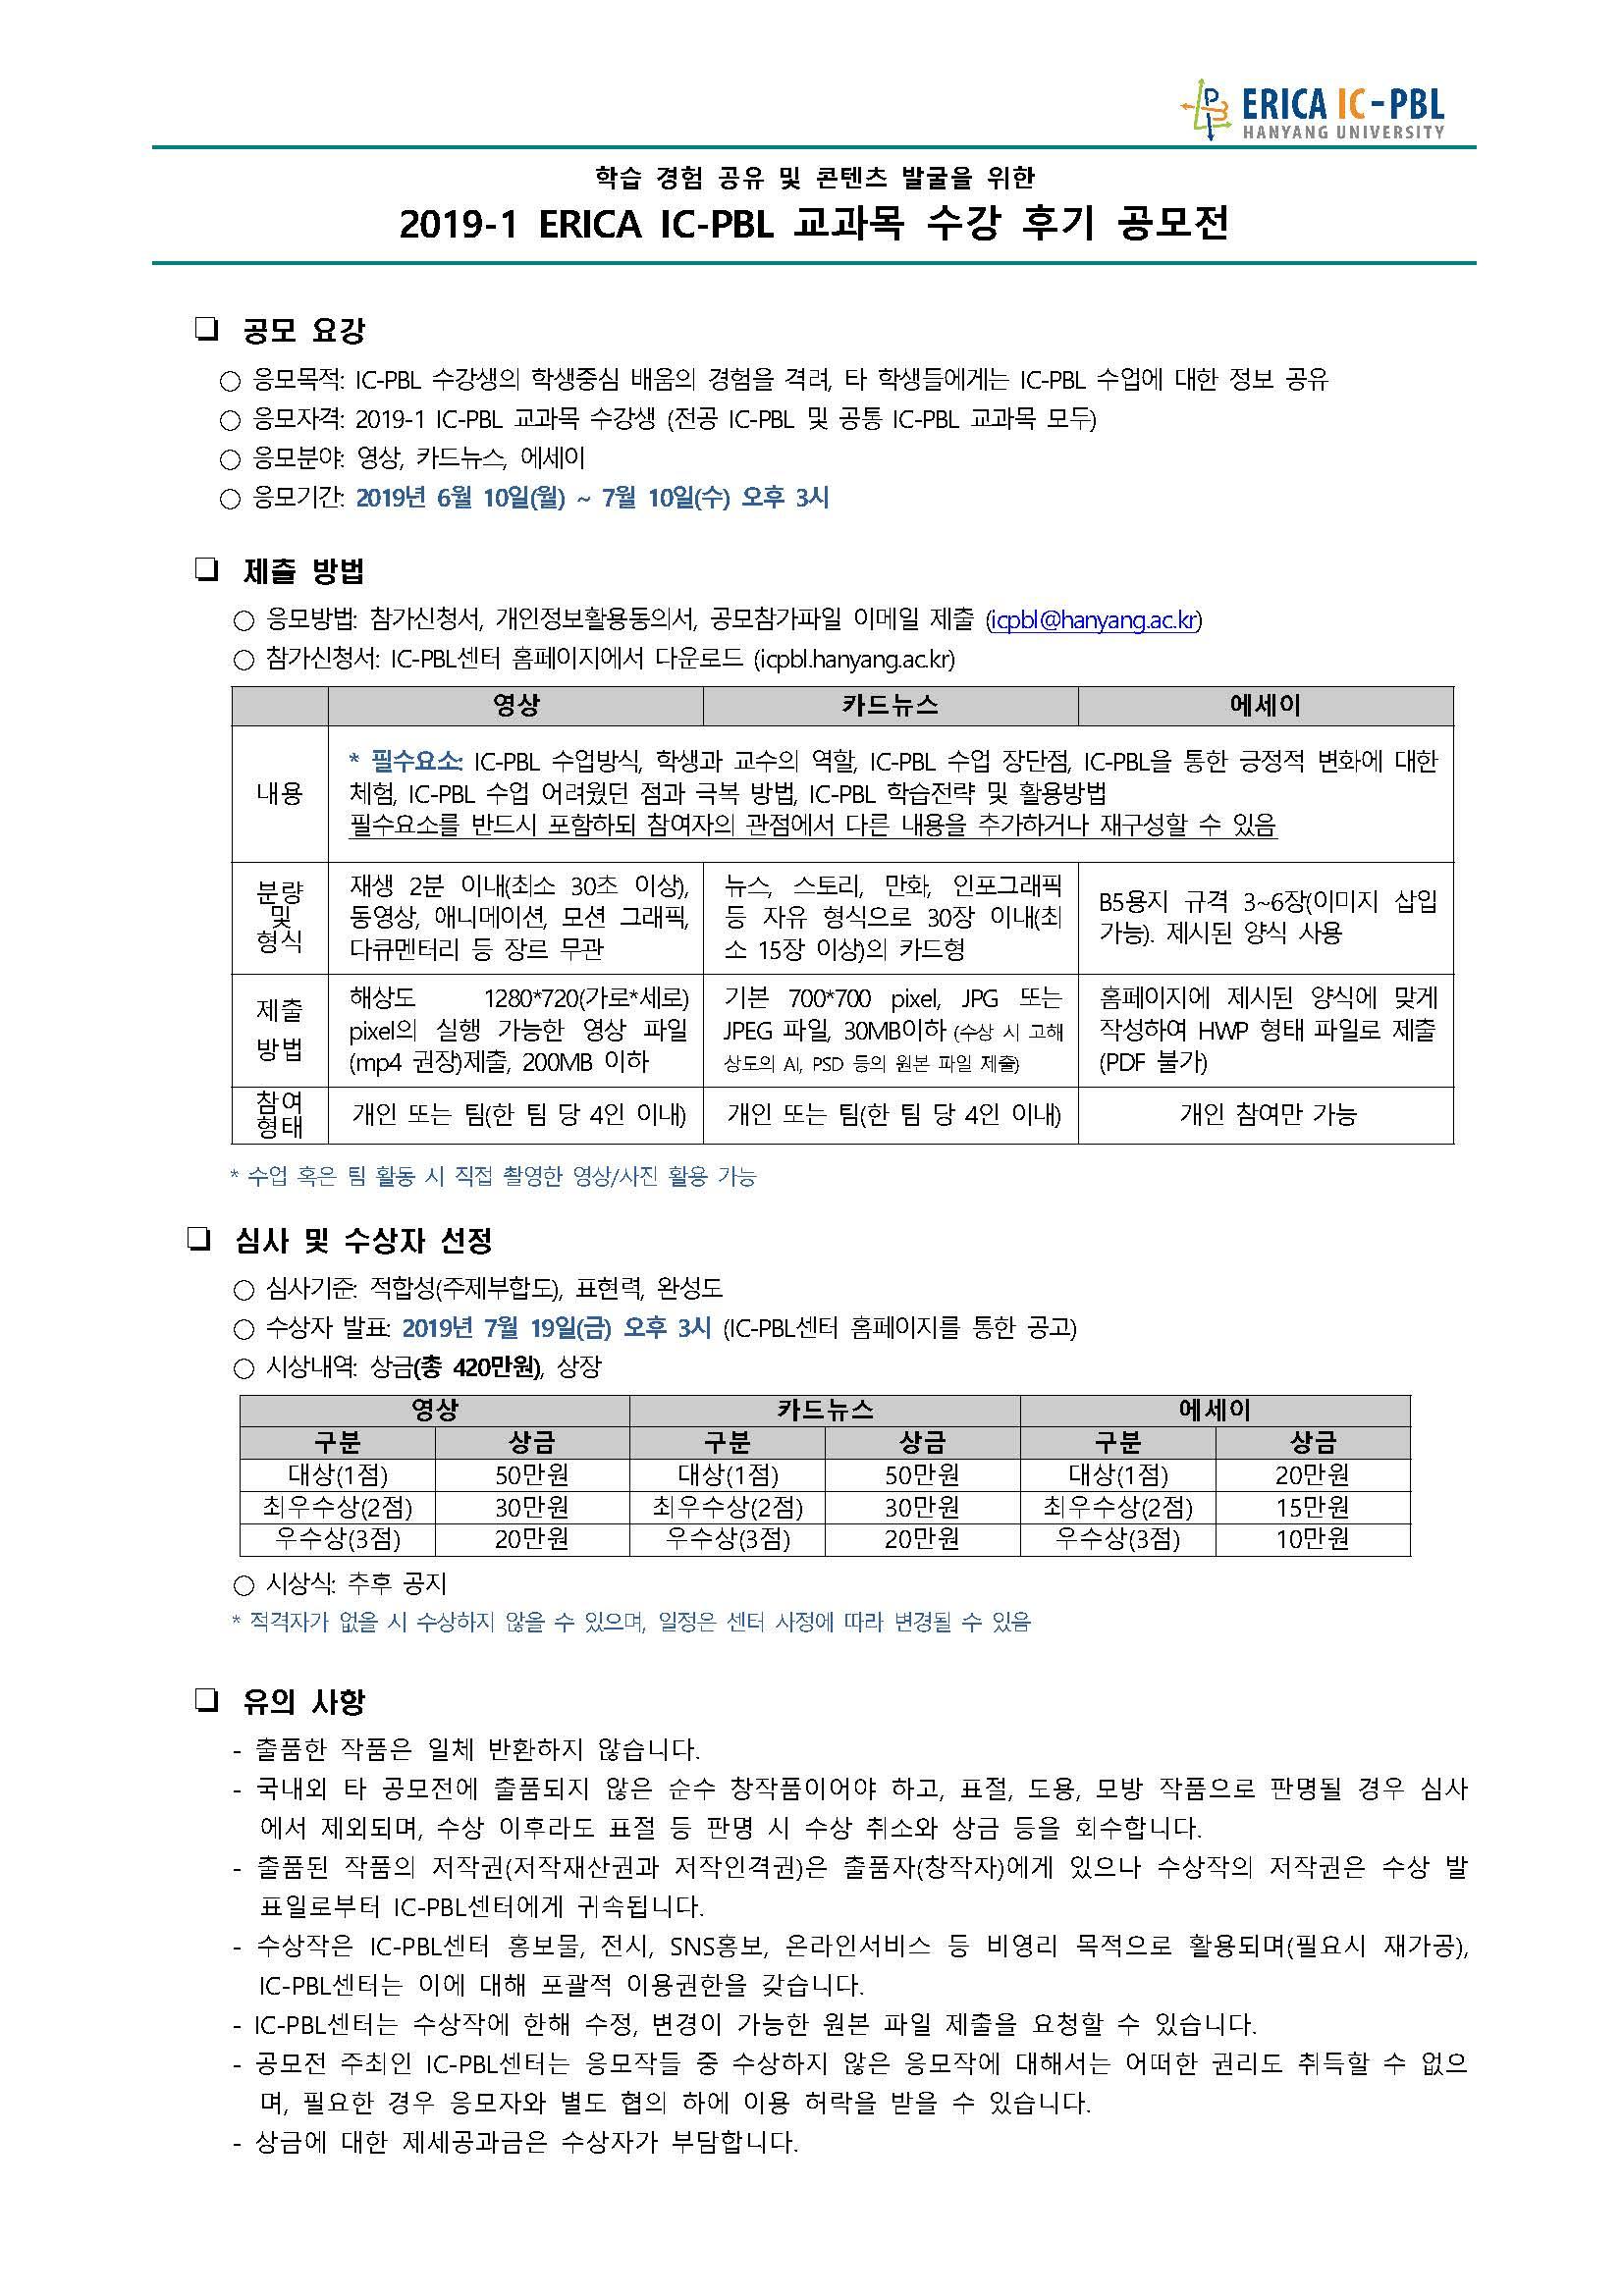 [공모안내문] 2019-1 ERICA IC-PBL 교과목 수강 후기 공모.hwp.jpg